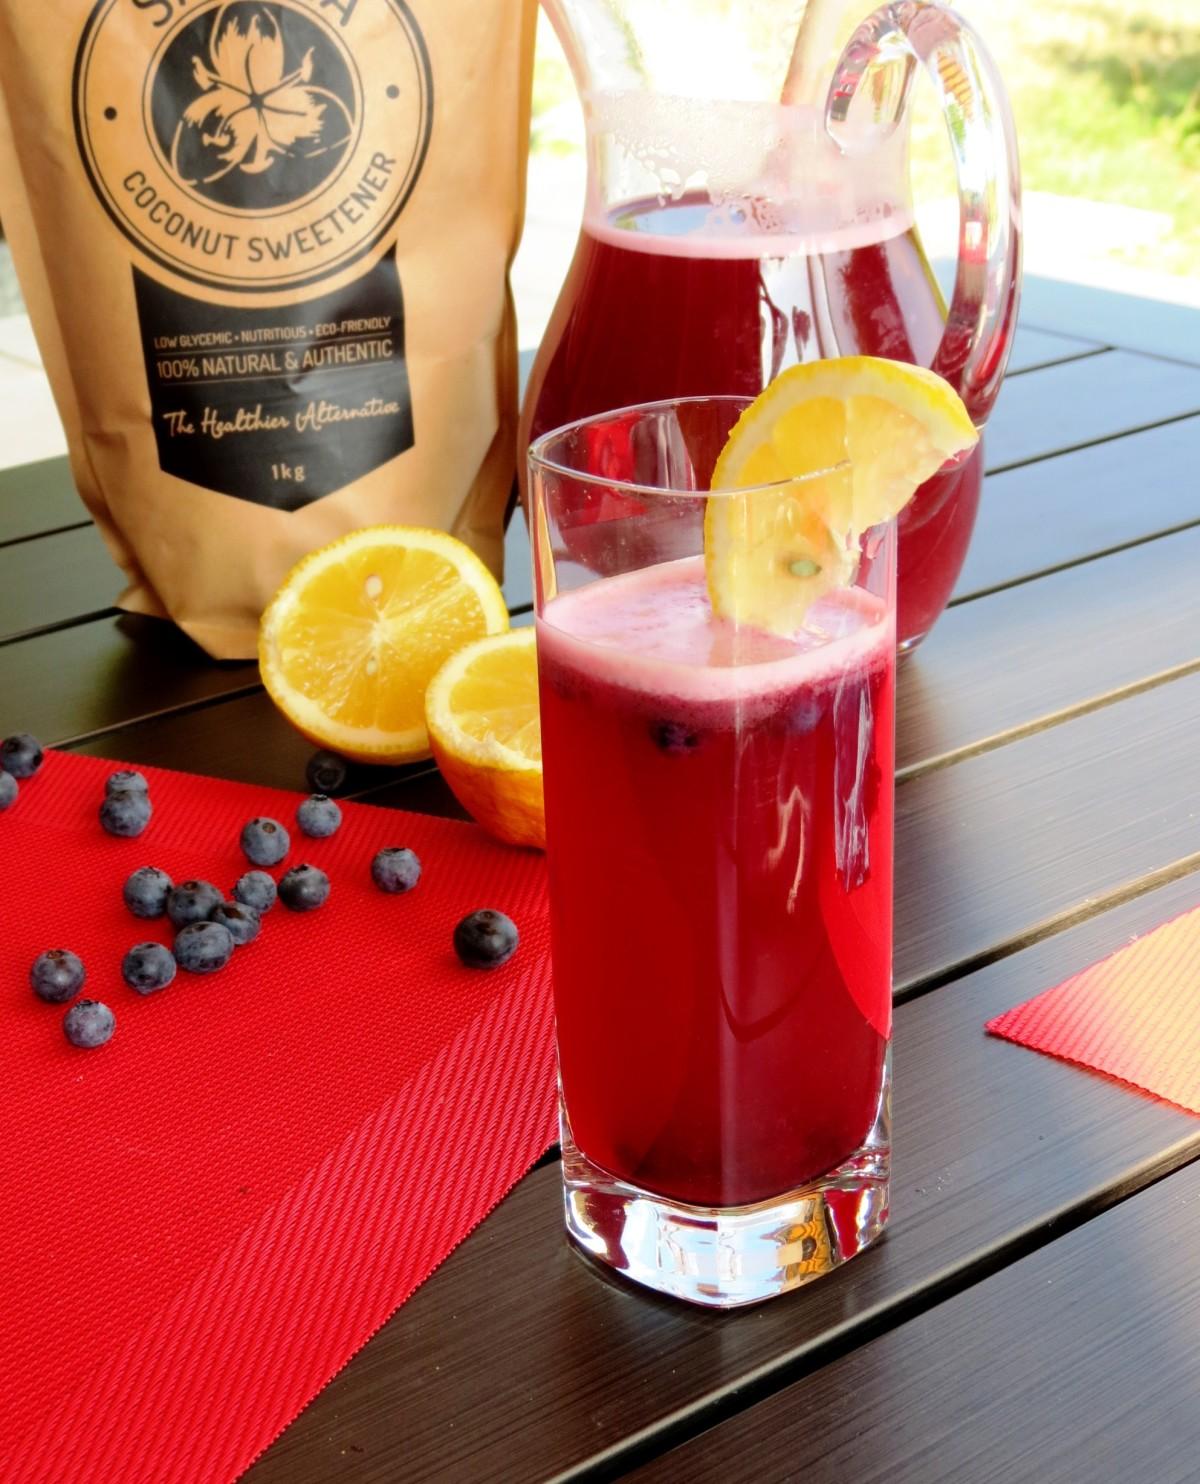 Blueberry Lemonade - Fruit Drinks